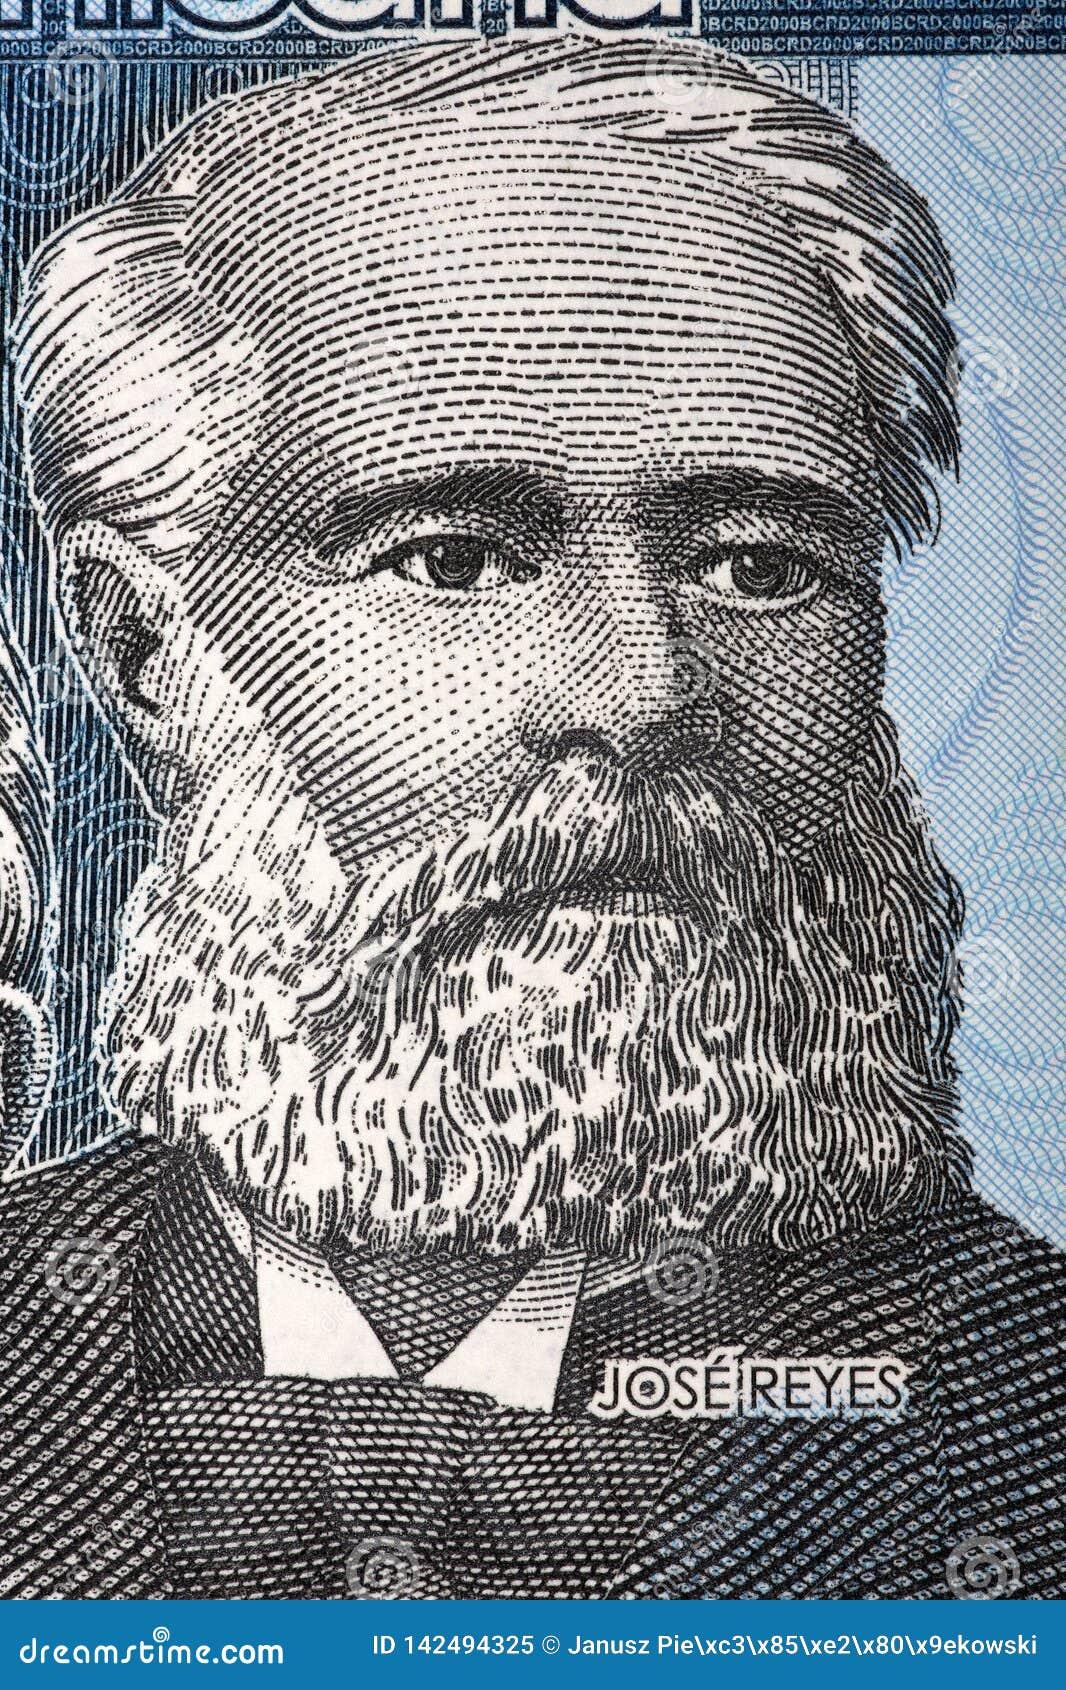 Jose Rufino Reyes um retrato